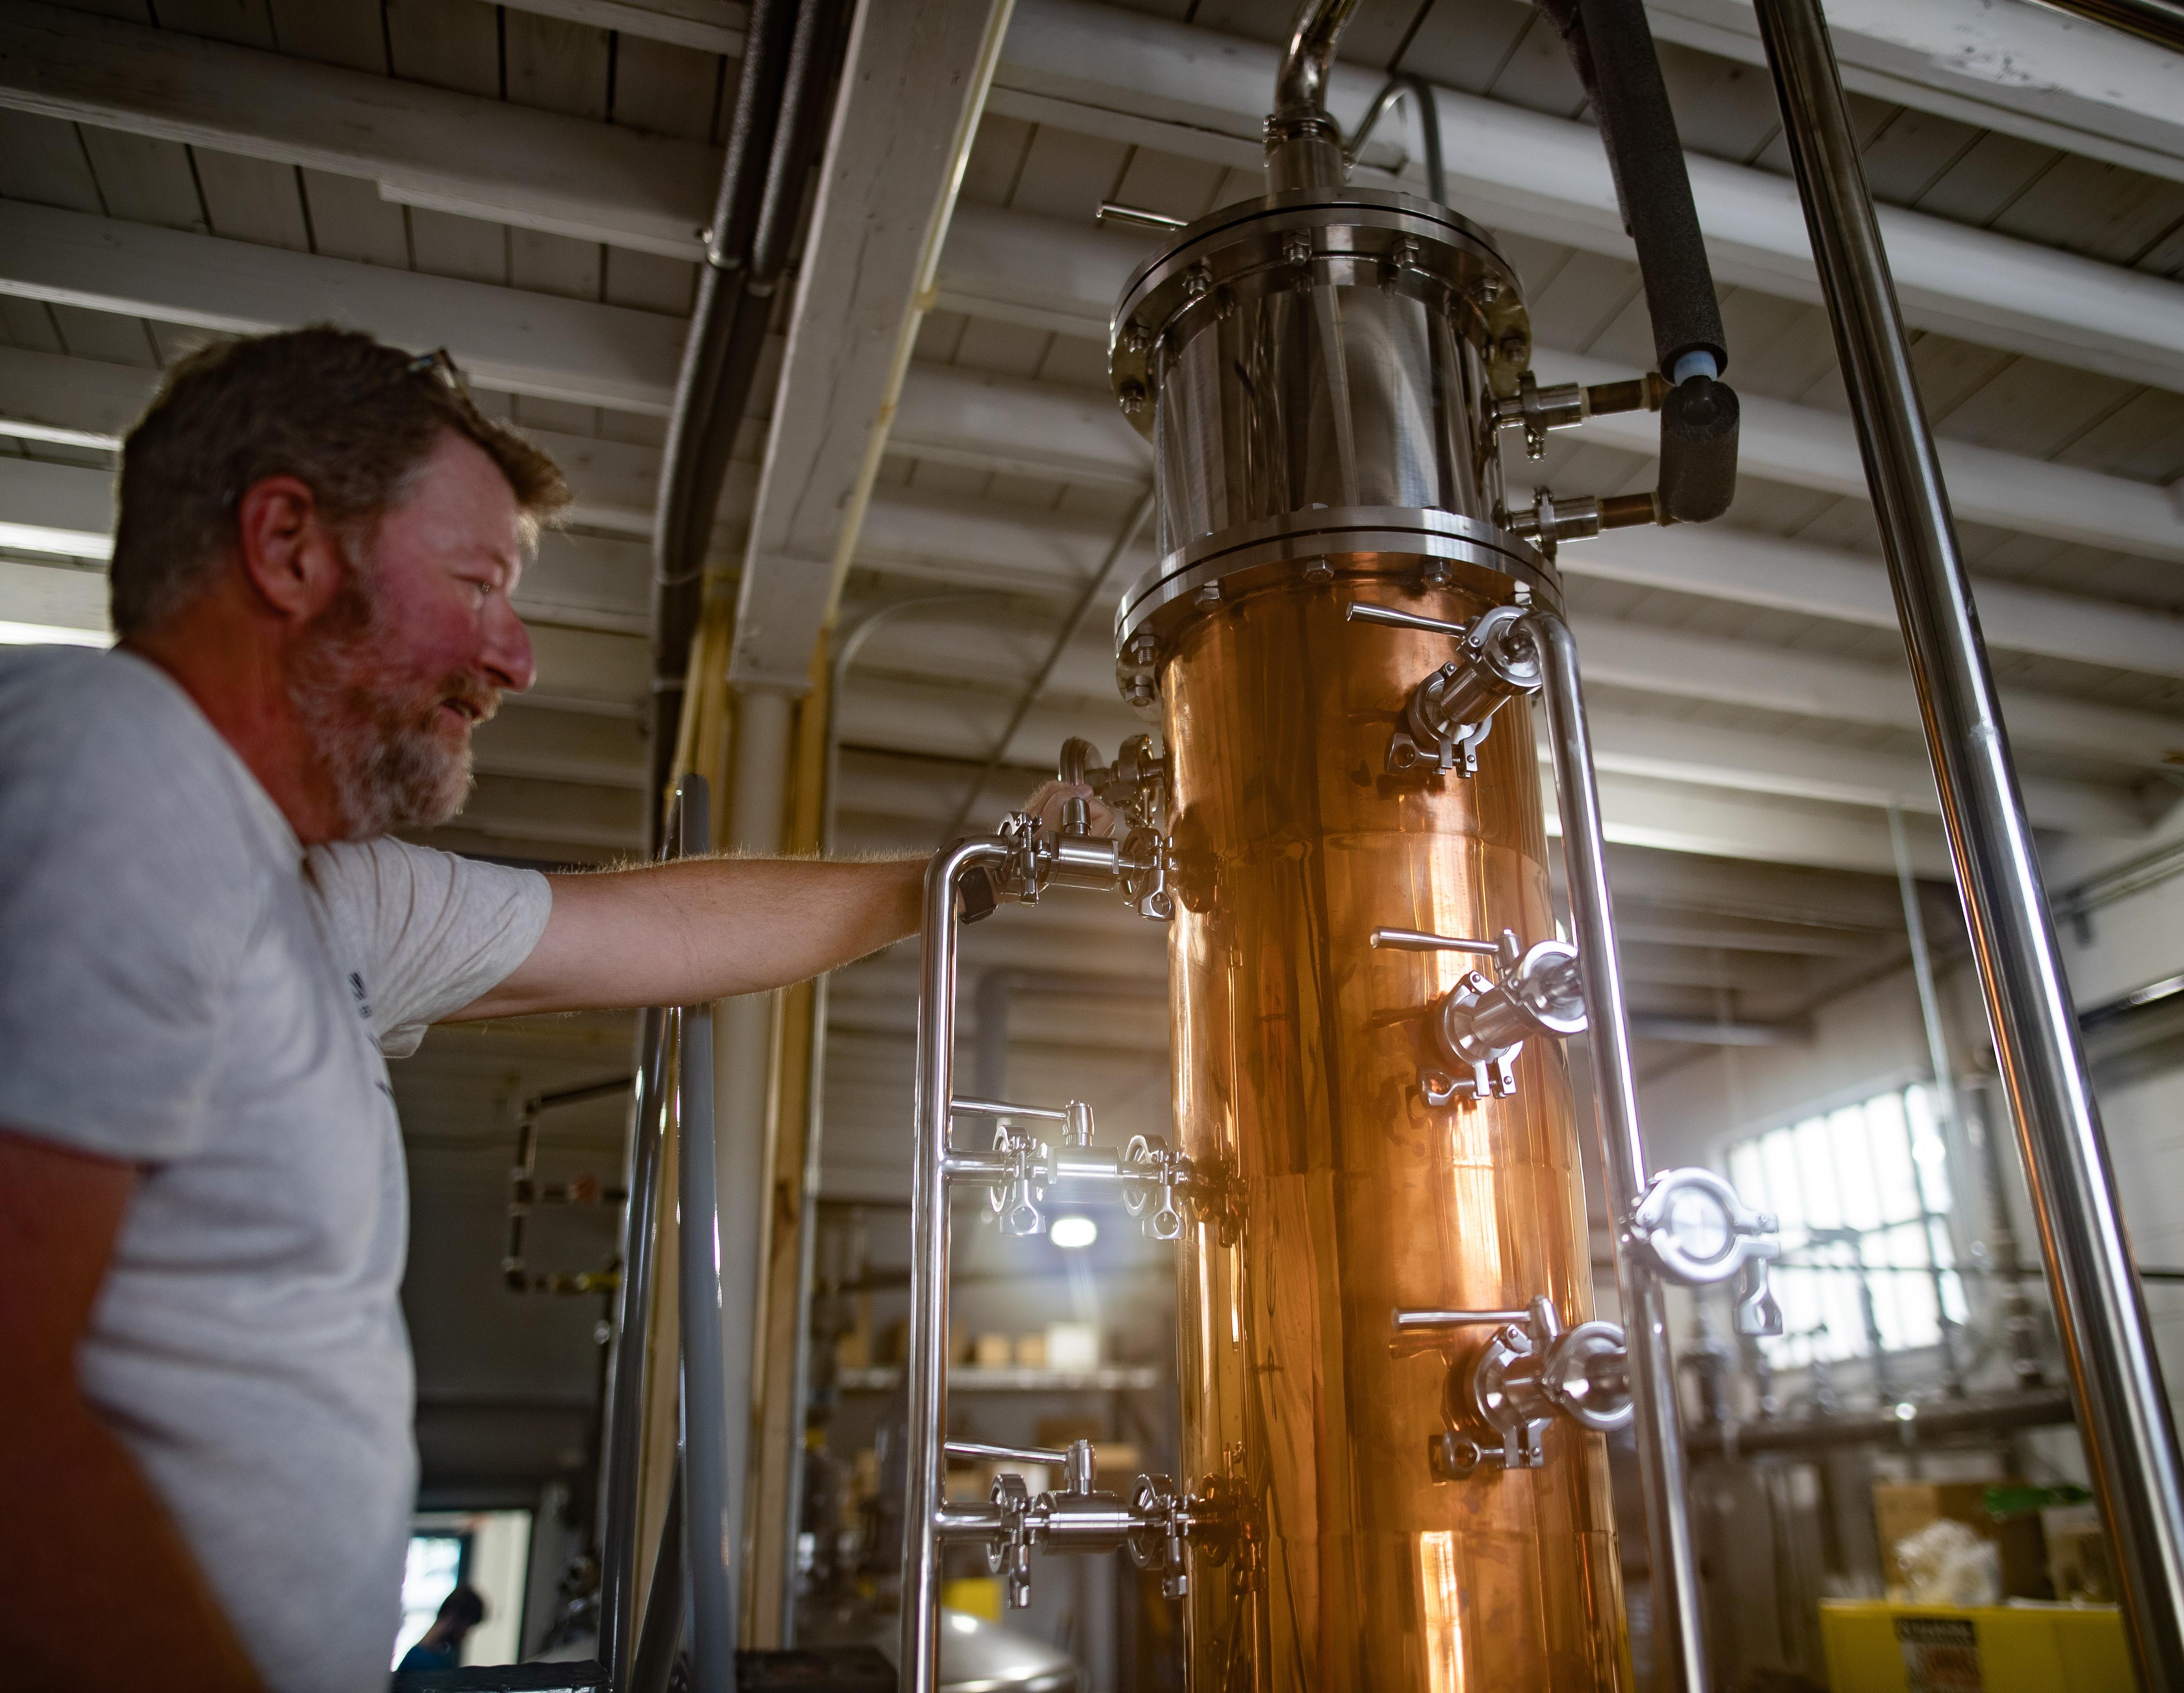 Distillery Tour - tours & tastings free!